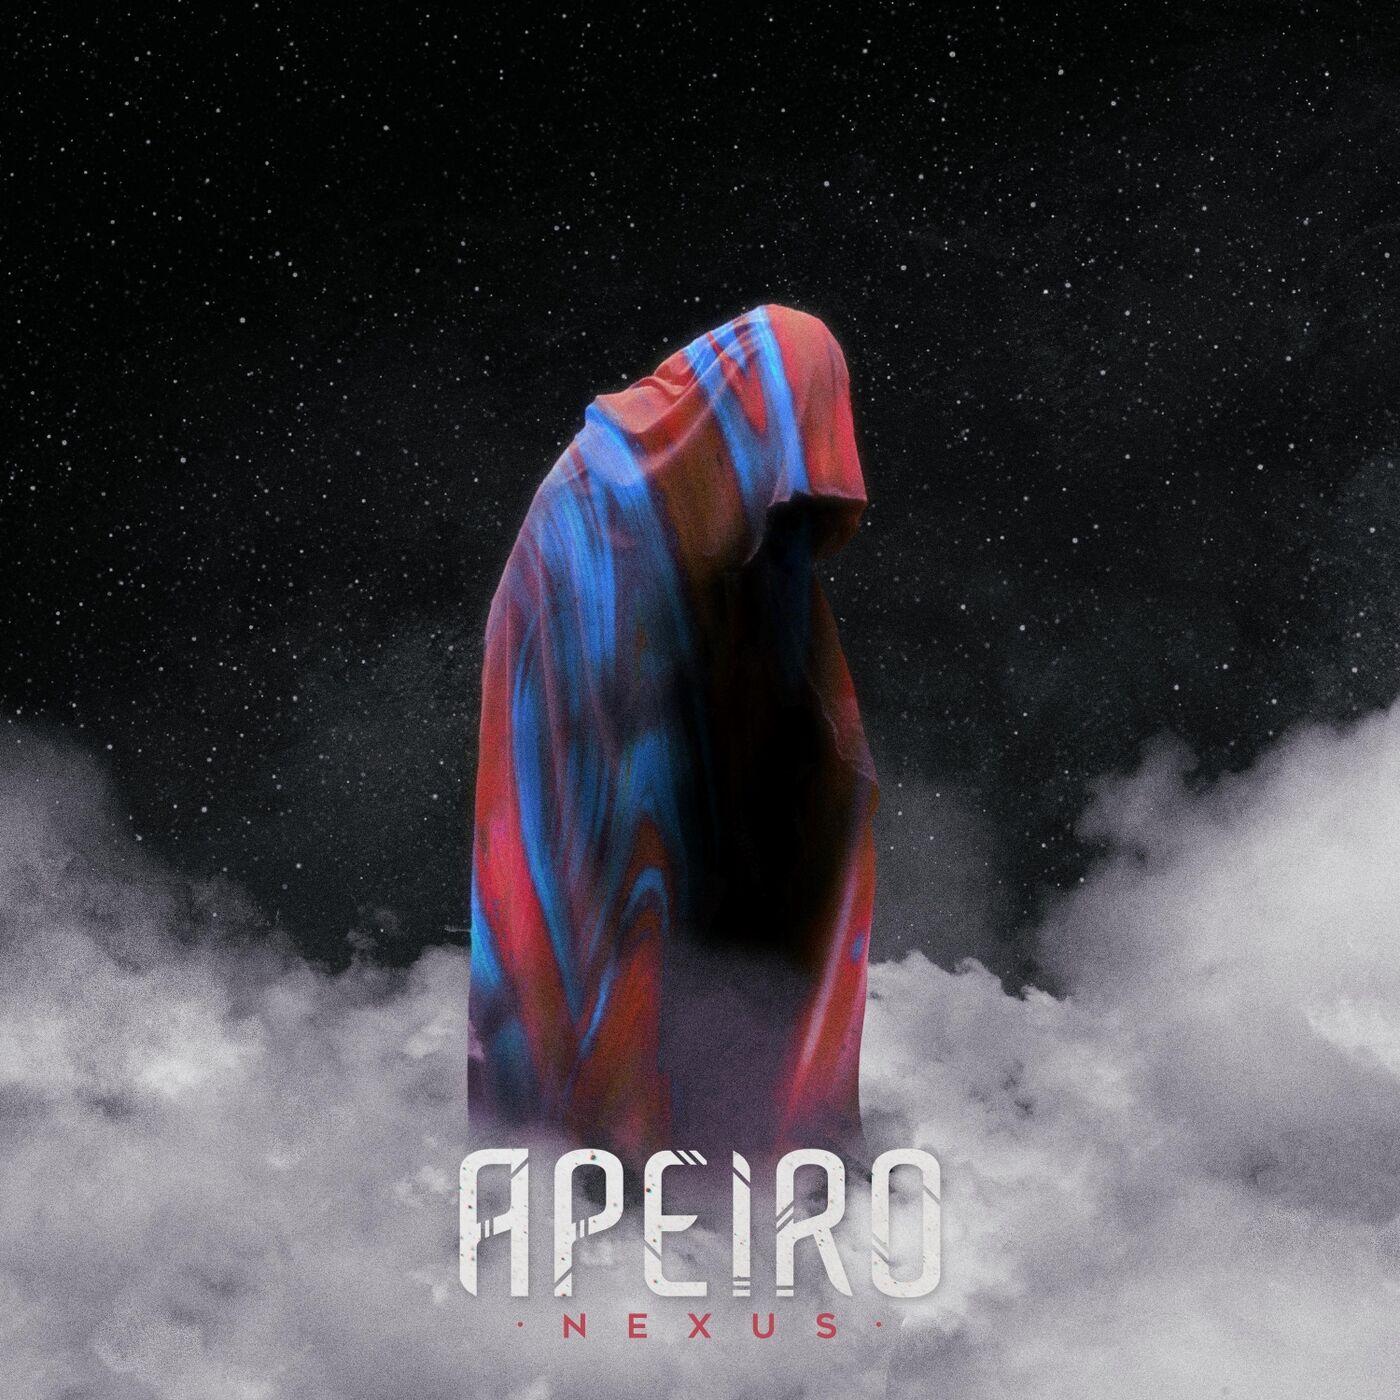 Apeiro - Nexus (2020)